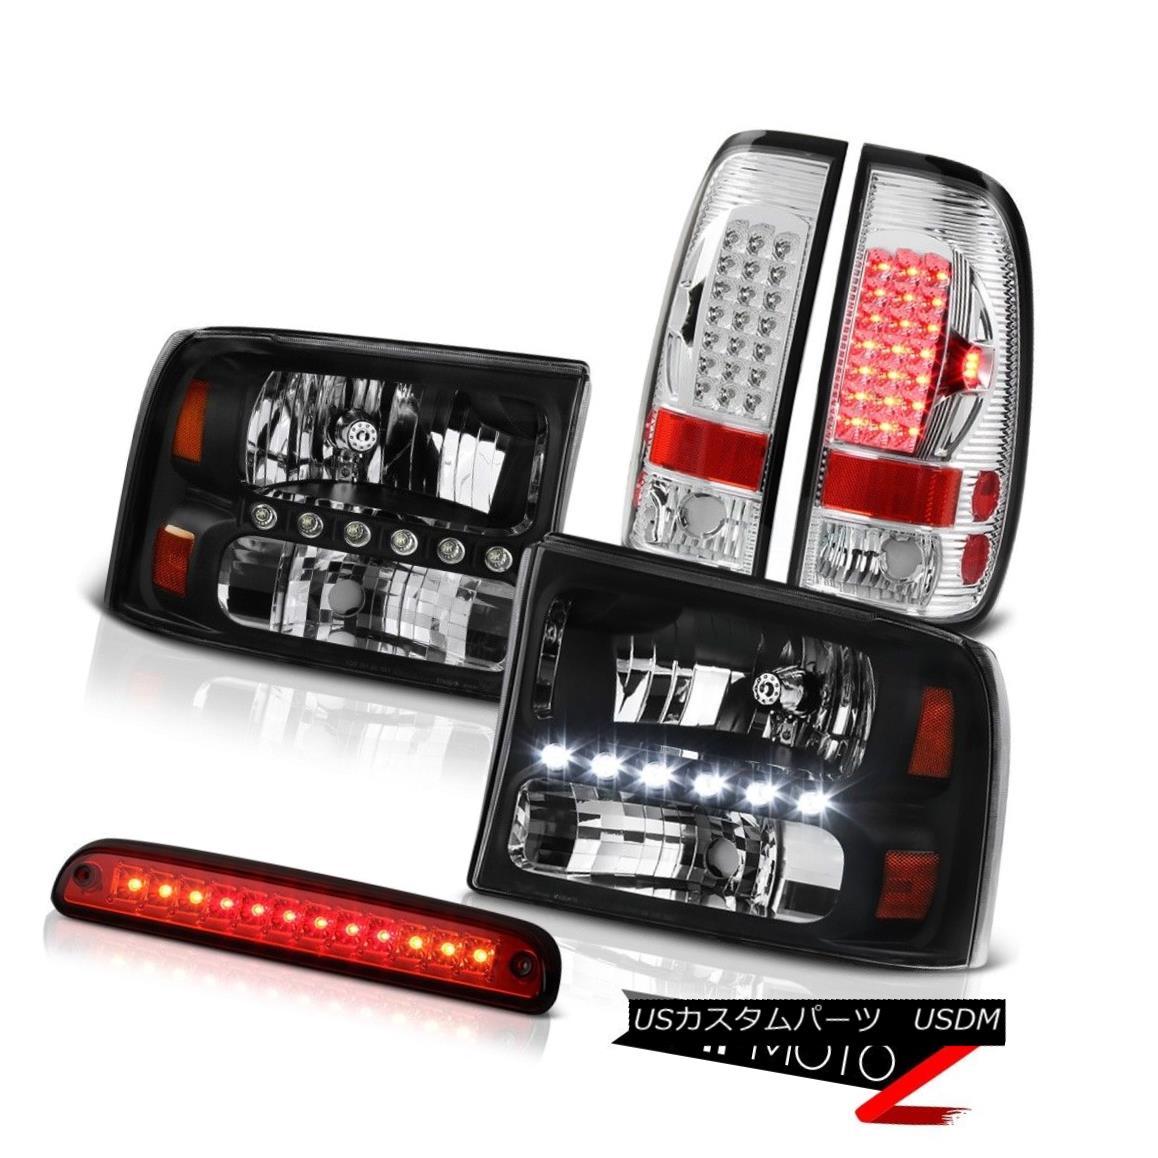 ヘッドライト Black Headlight Roof Brake LED SMD Rear Tail Light 99 00 01 02 03 04 F250 6.8L ブラックヘッドライトルーフブレーキLED SMDリアテールライト99 00 01 02 03 04 F250 6.8L